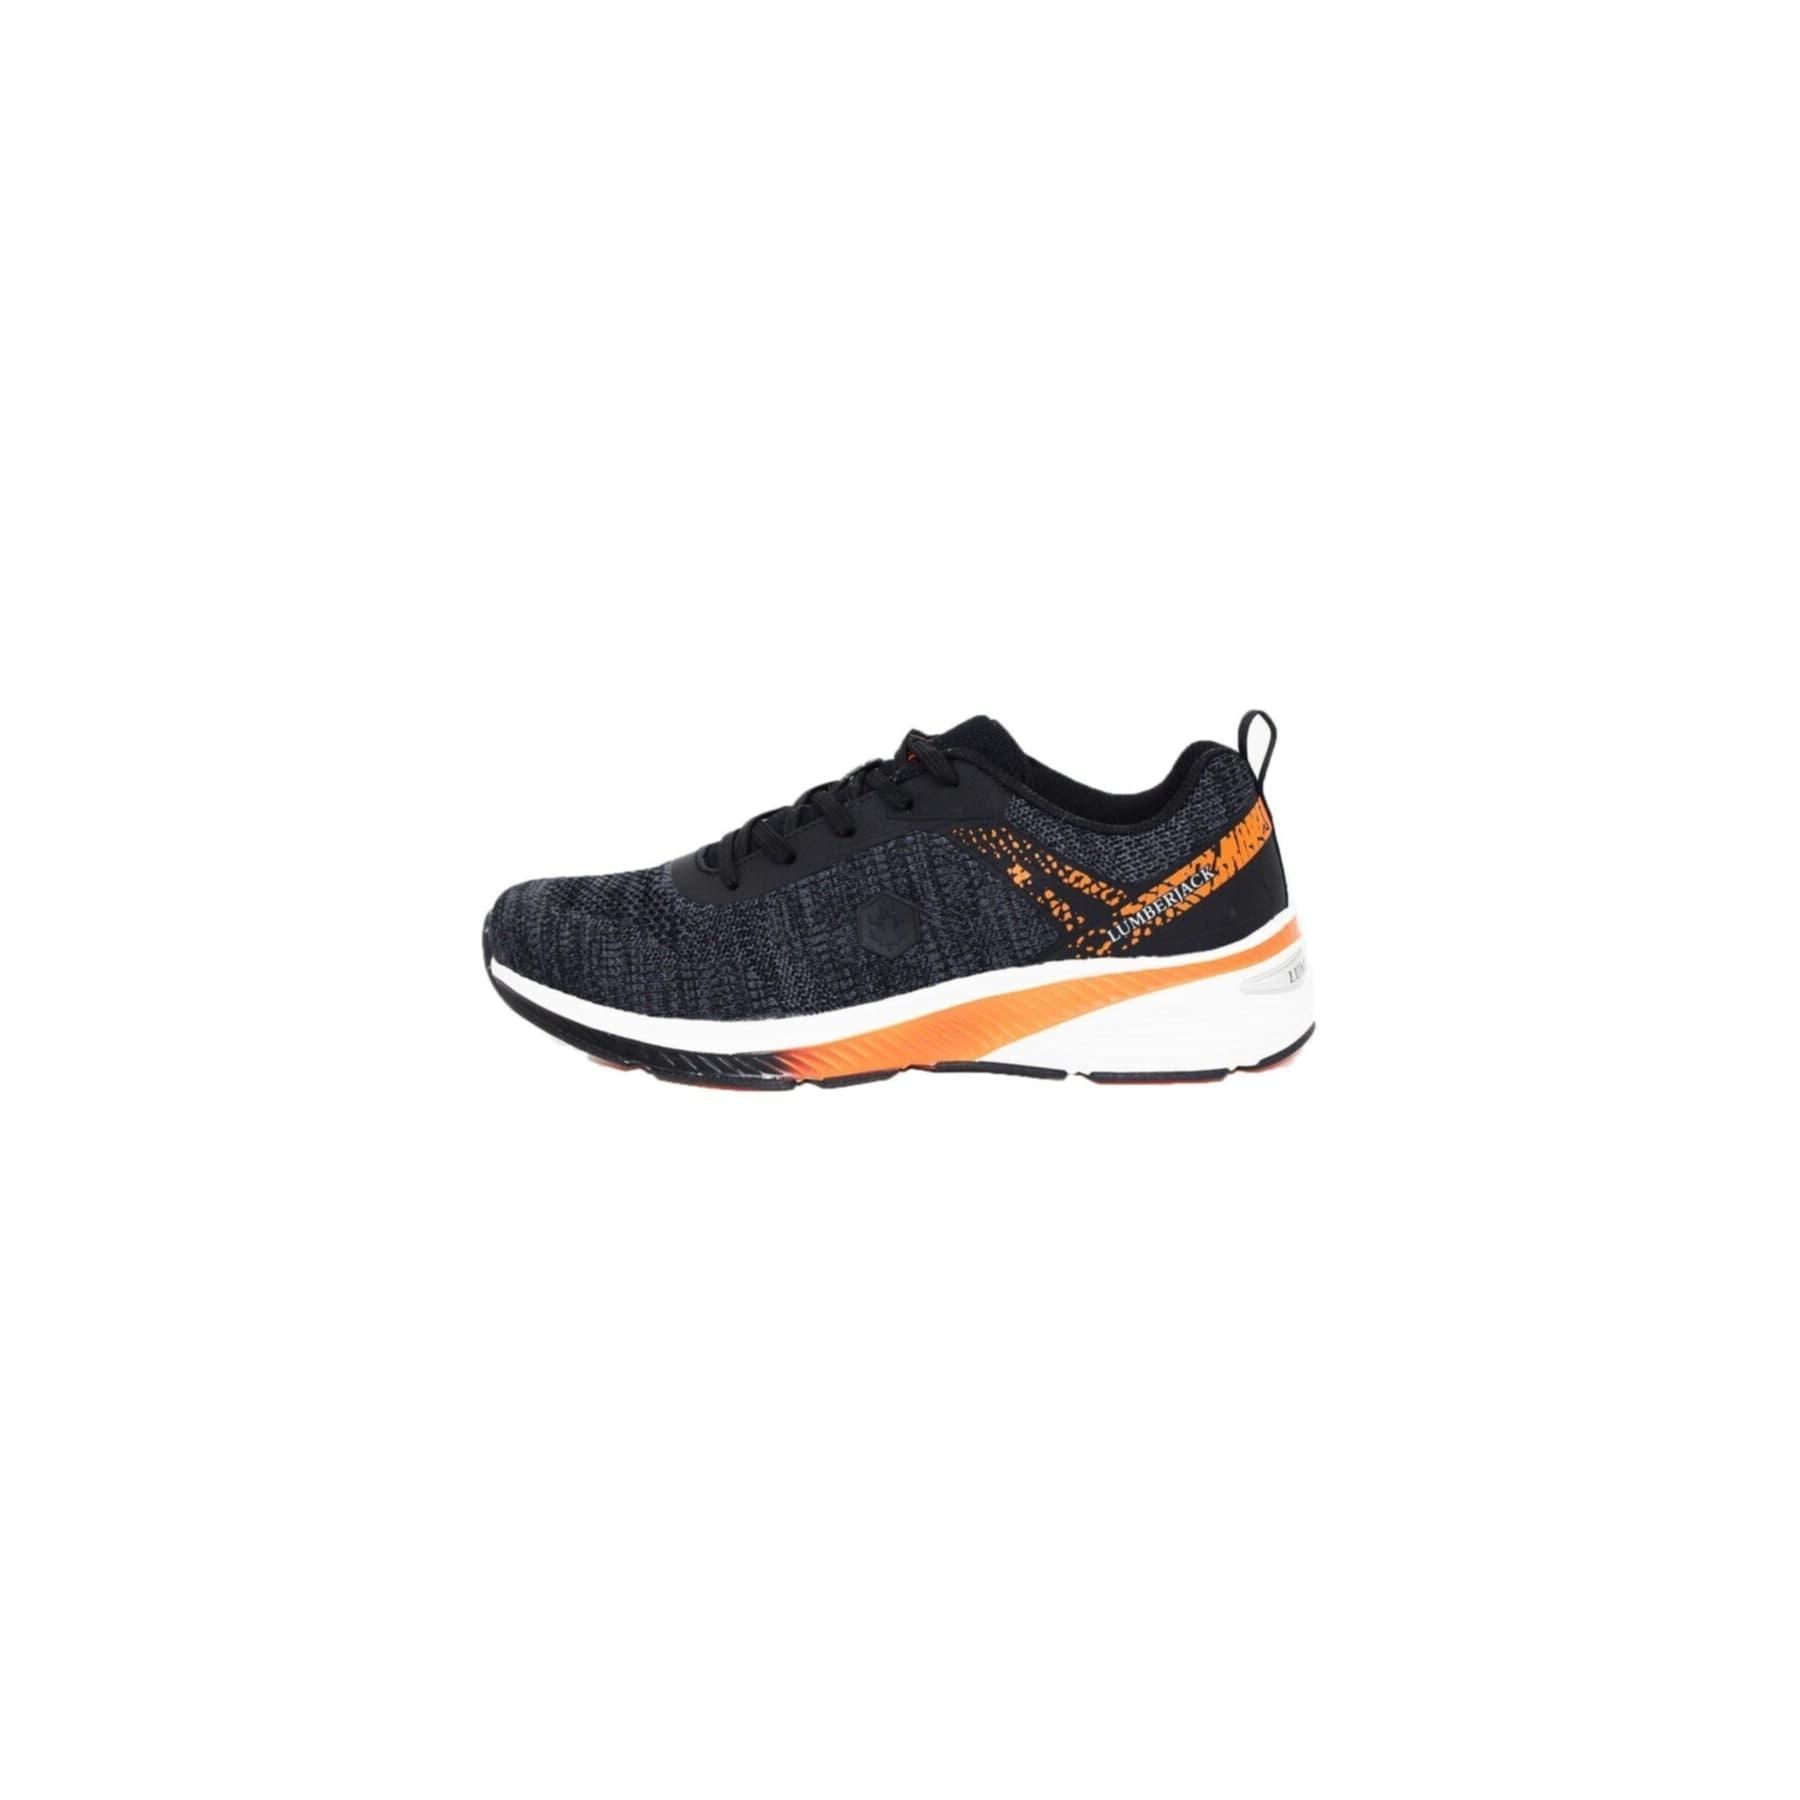 Arod Erkek Siyah Koşu Ayakkabısı (100535186)